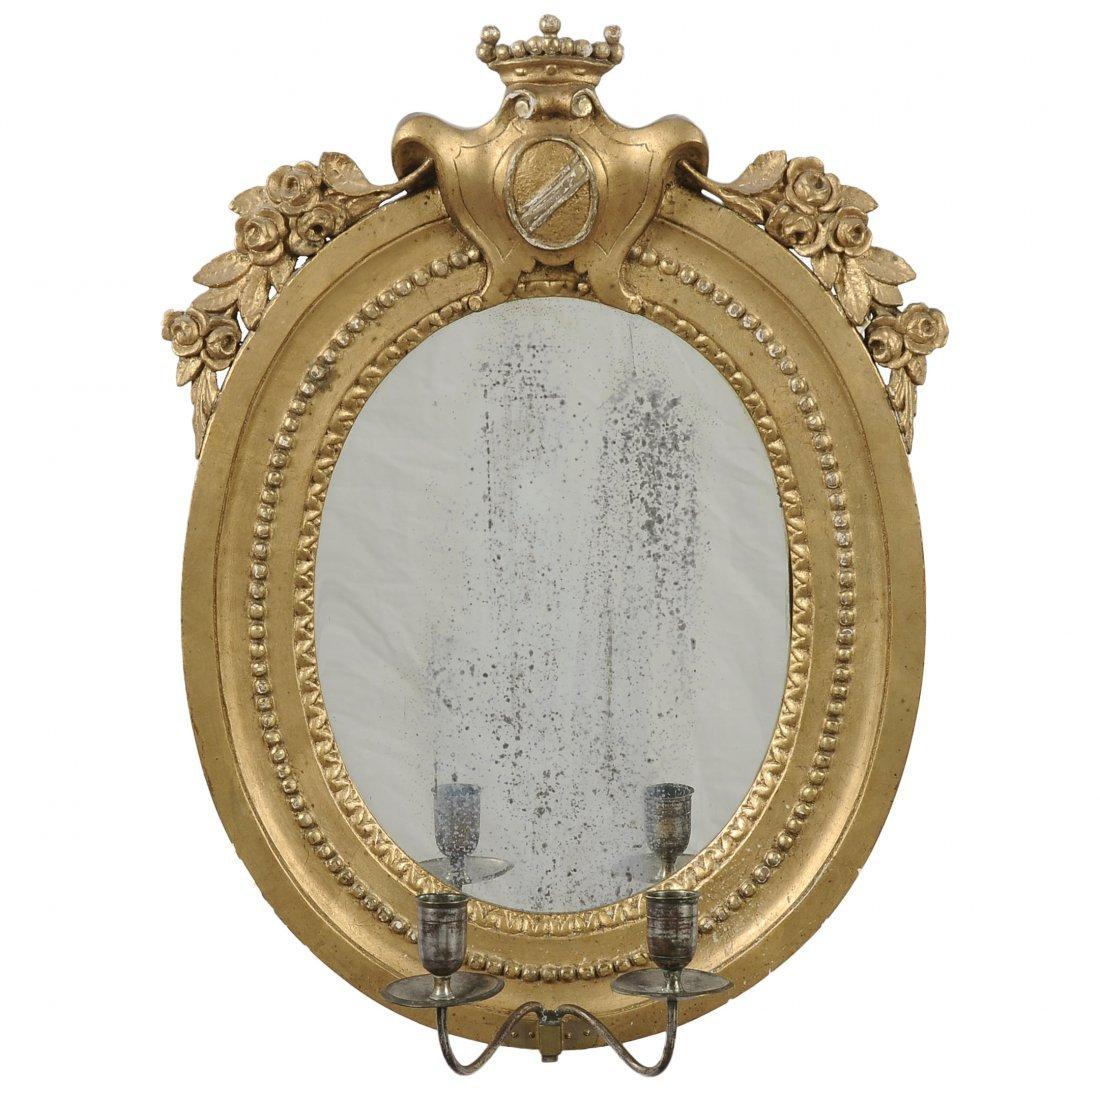 SPEGELLAMPETT, 1800-tal, gustaviansk